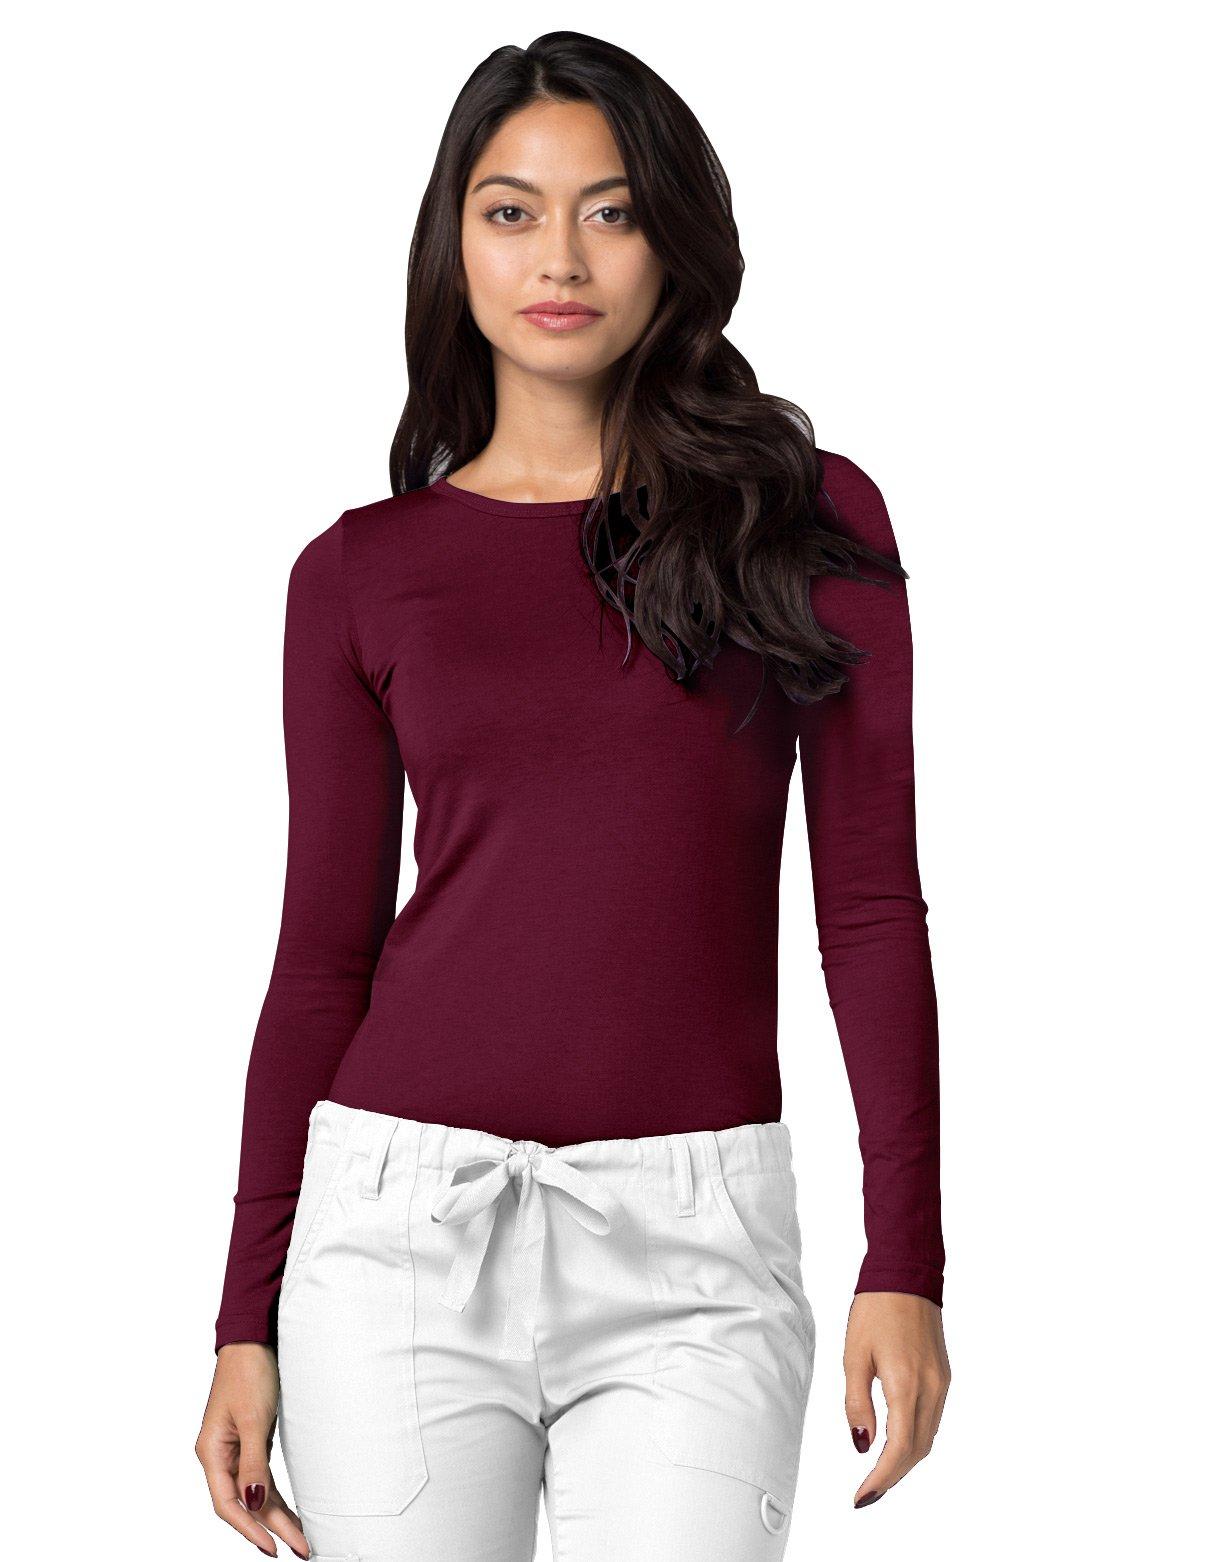 ADAR UNIFORMS Adar Womens Comfort Long Sleeve T-Shirt Underscrub Tee - 2900 - Burgundy - M by ADAR UNIFORMS (Image #4)